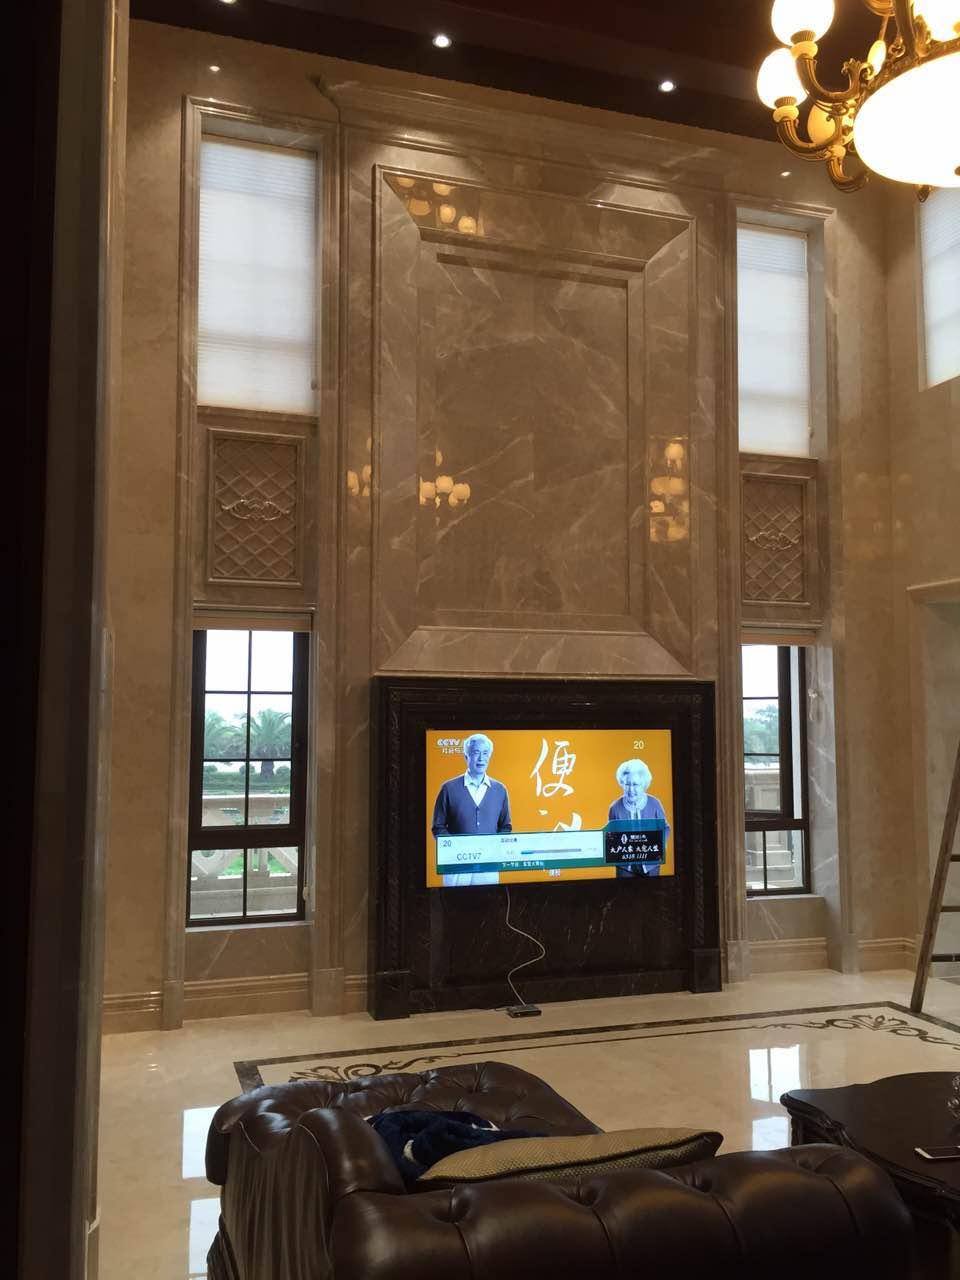 浅灰客厅电视背景墙